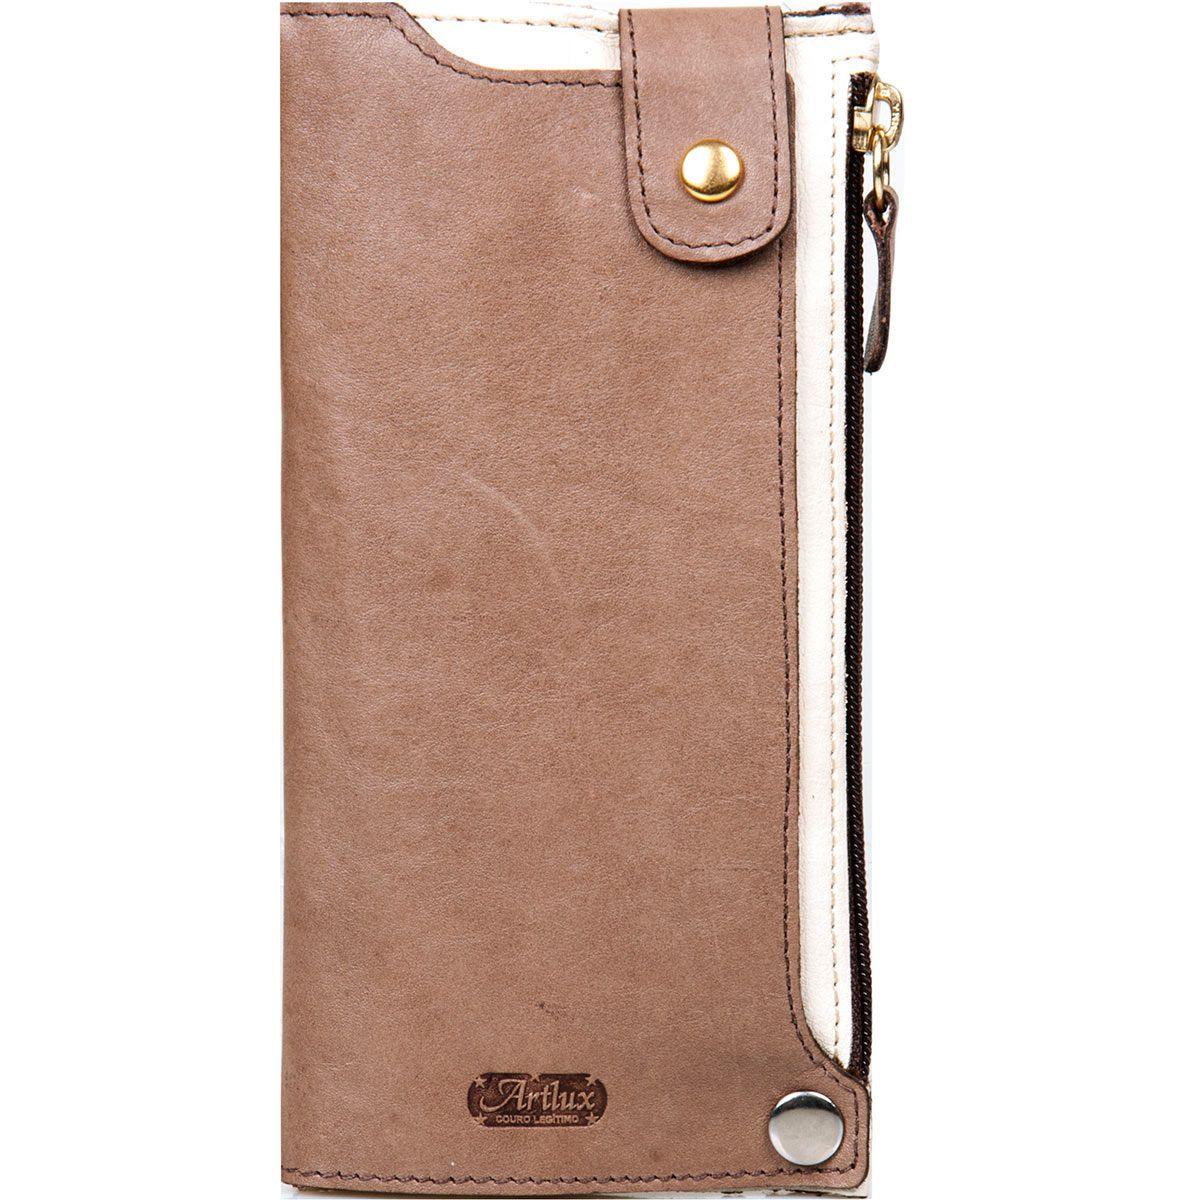 Carteira Artlux Porta Smartphone